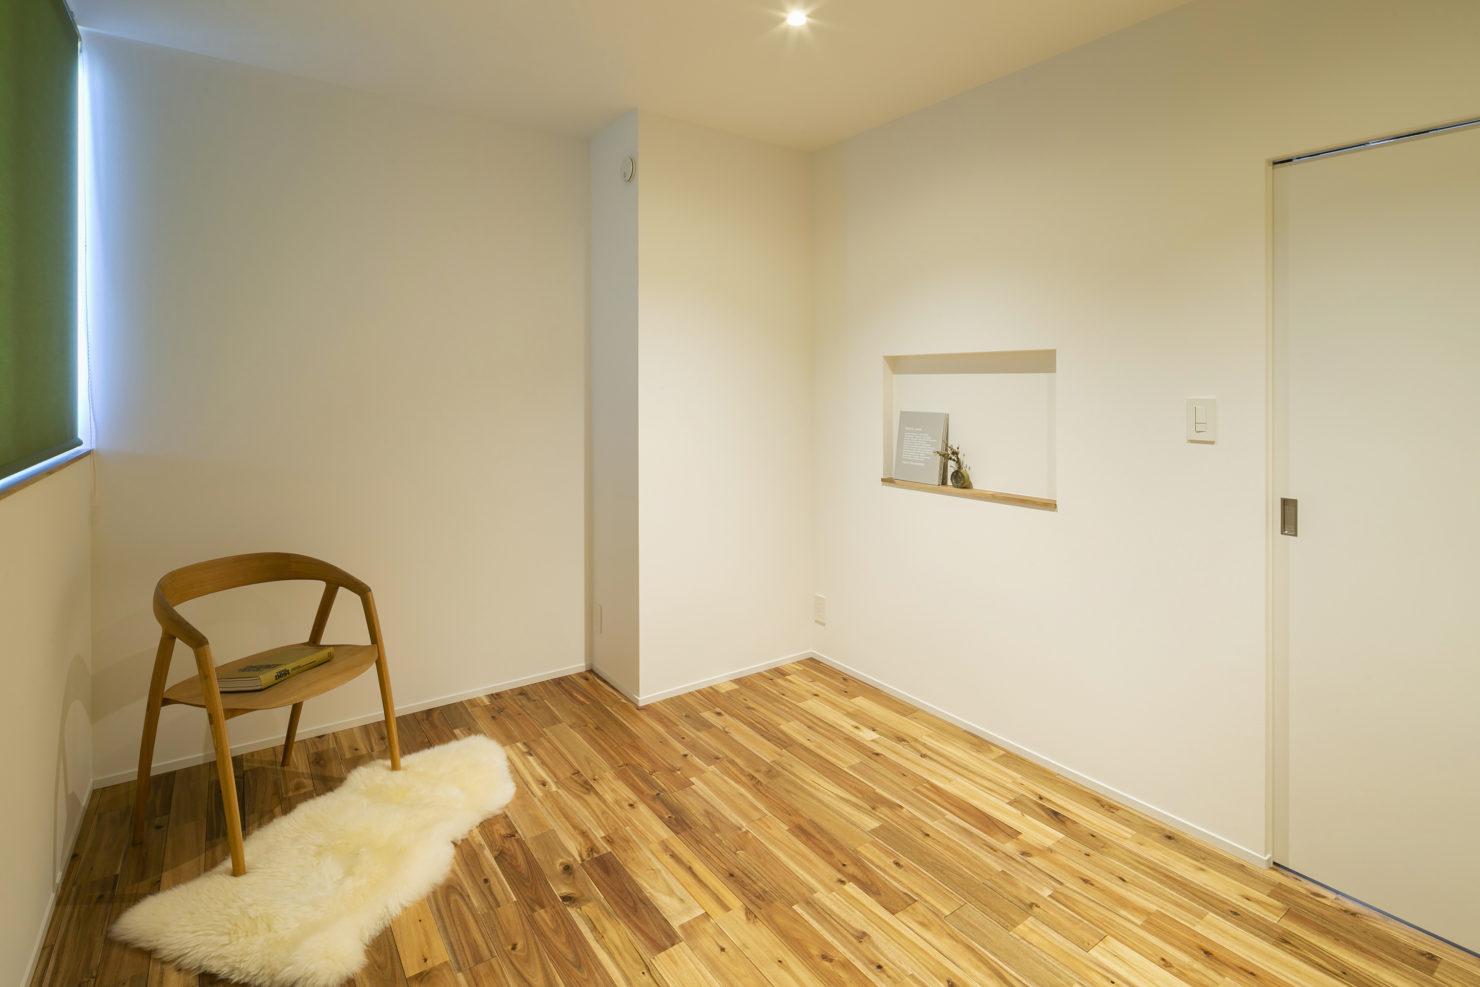 ハウスM21+archi「周囲との関係性・持続性のあるデザイン」寝室写真